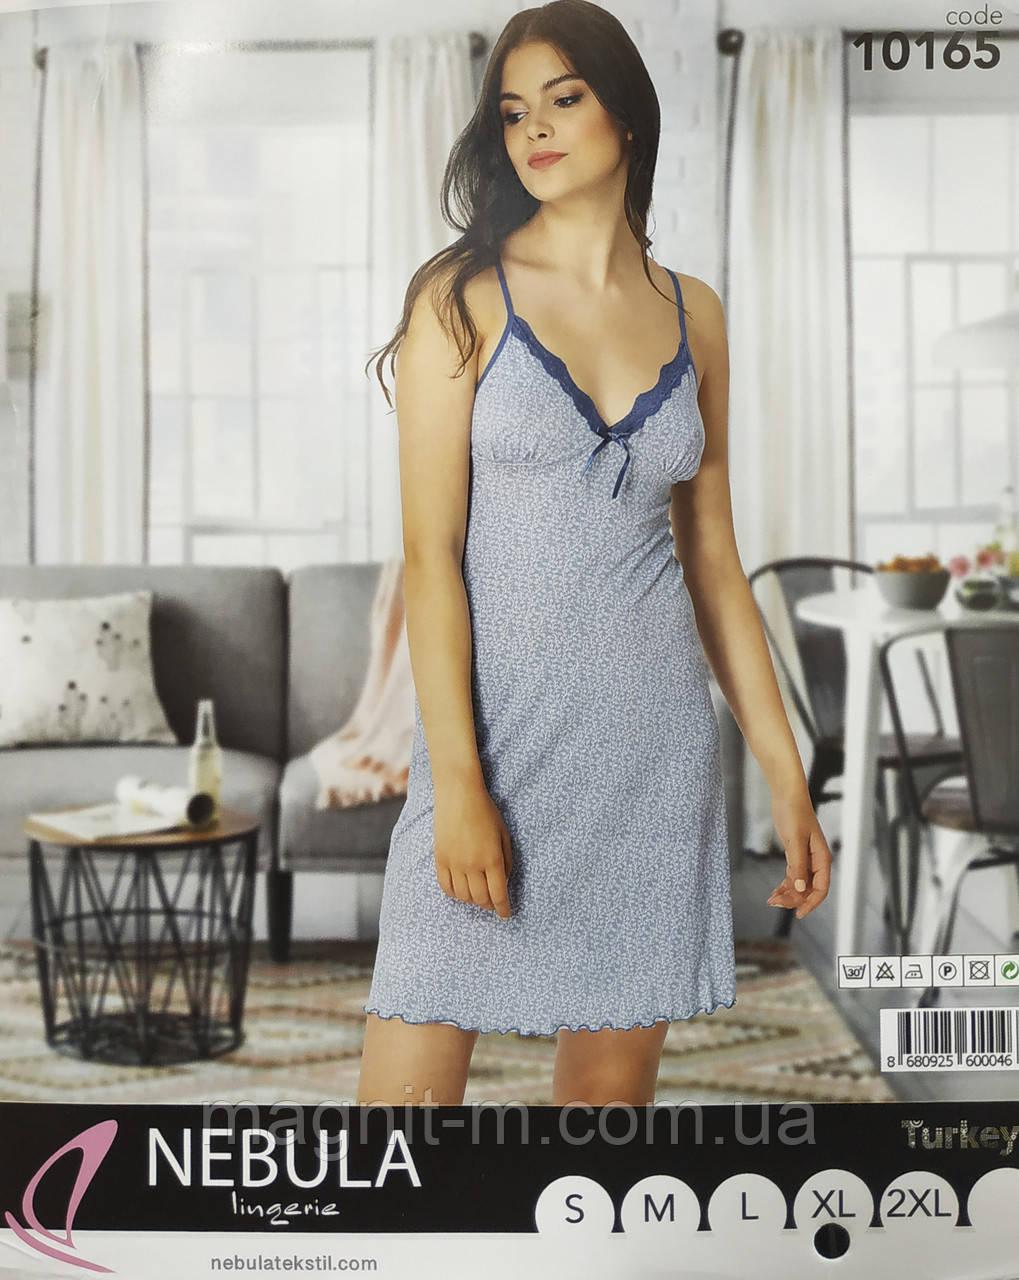 """Молодіжна нічна сорочка """"NEBULA"""" на тонких бретельках. Віскоза. Туреччина."""